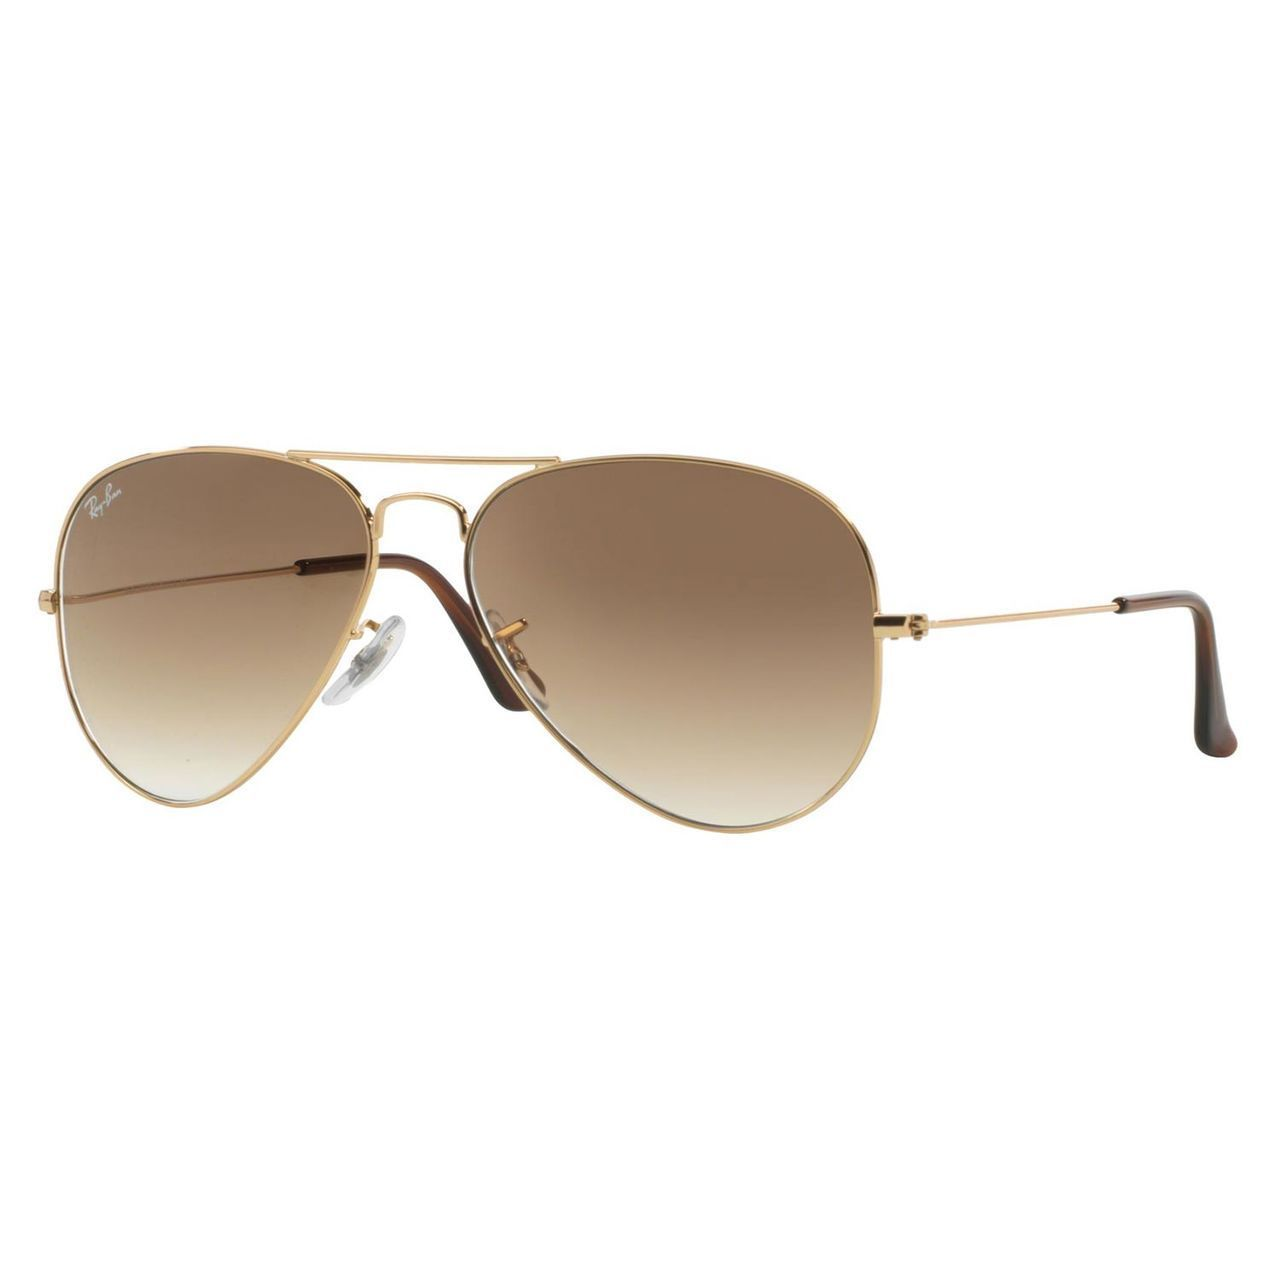 1e8965cb3e8 Ray-Ban Aviator  RB3025  Unisex Gold Frame Light Brown Gradient Lens  Sunglasses